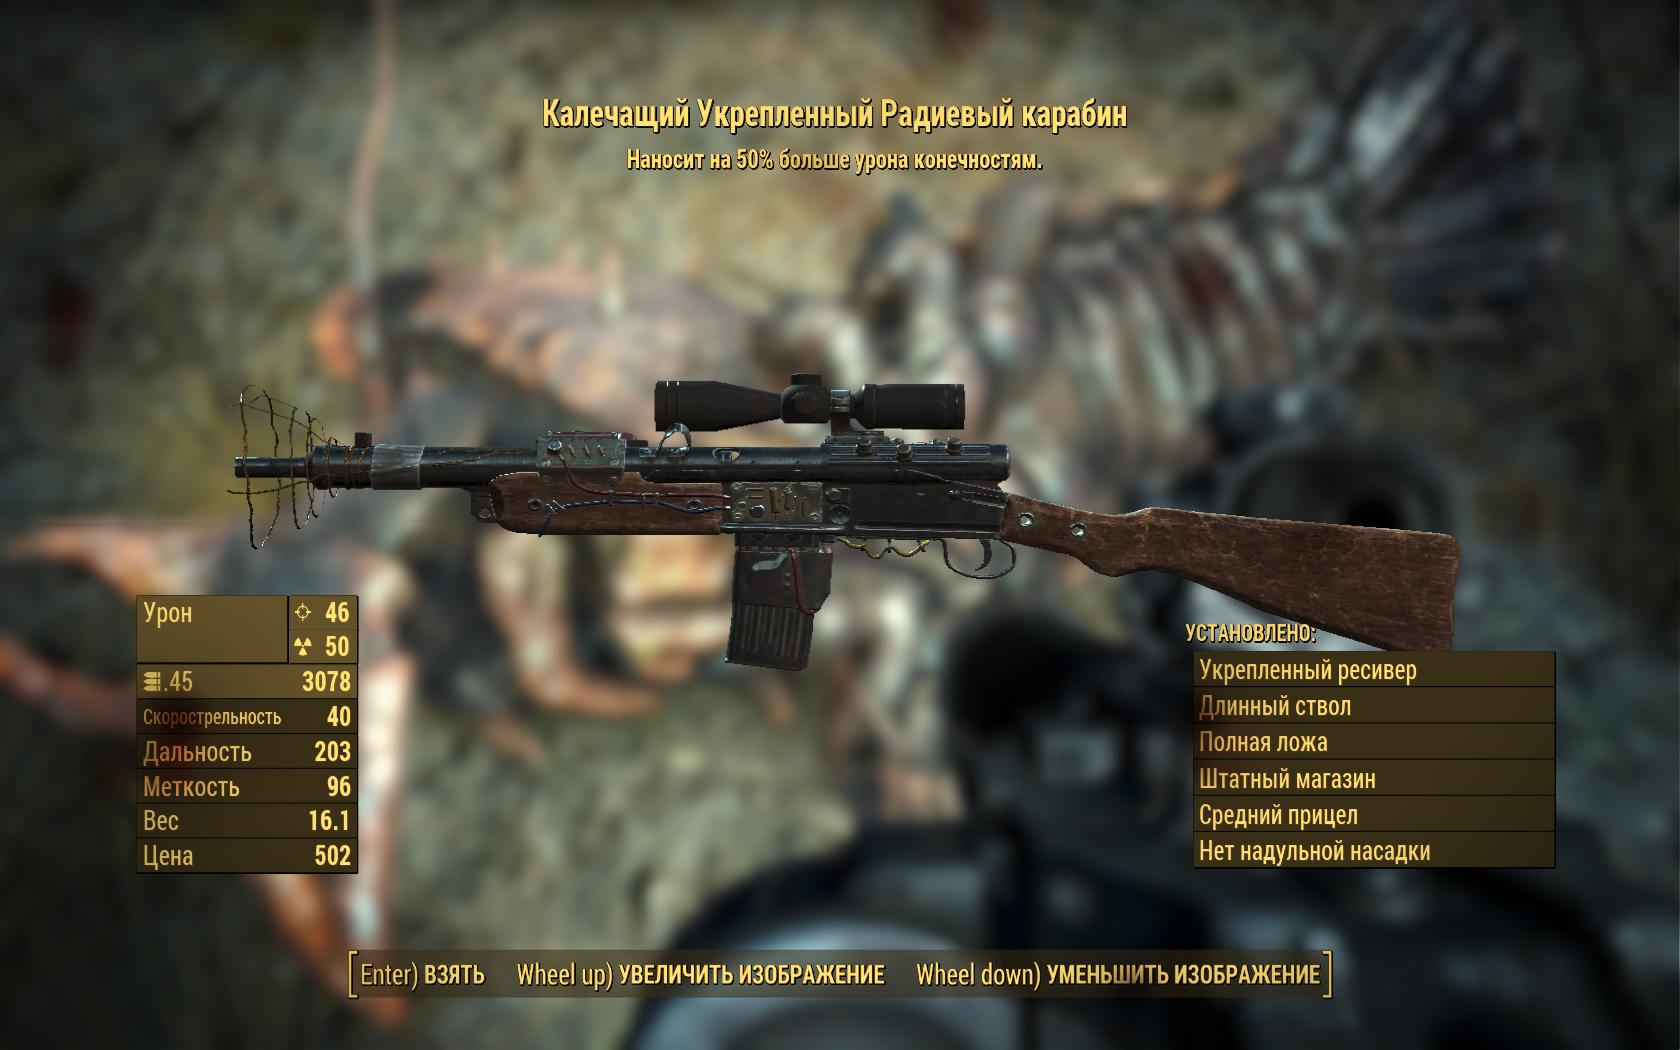 карабин - Fallout 4 Калечащий, Оружие, радиевый, укреплённый